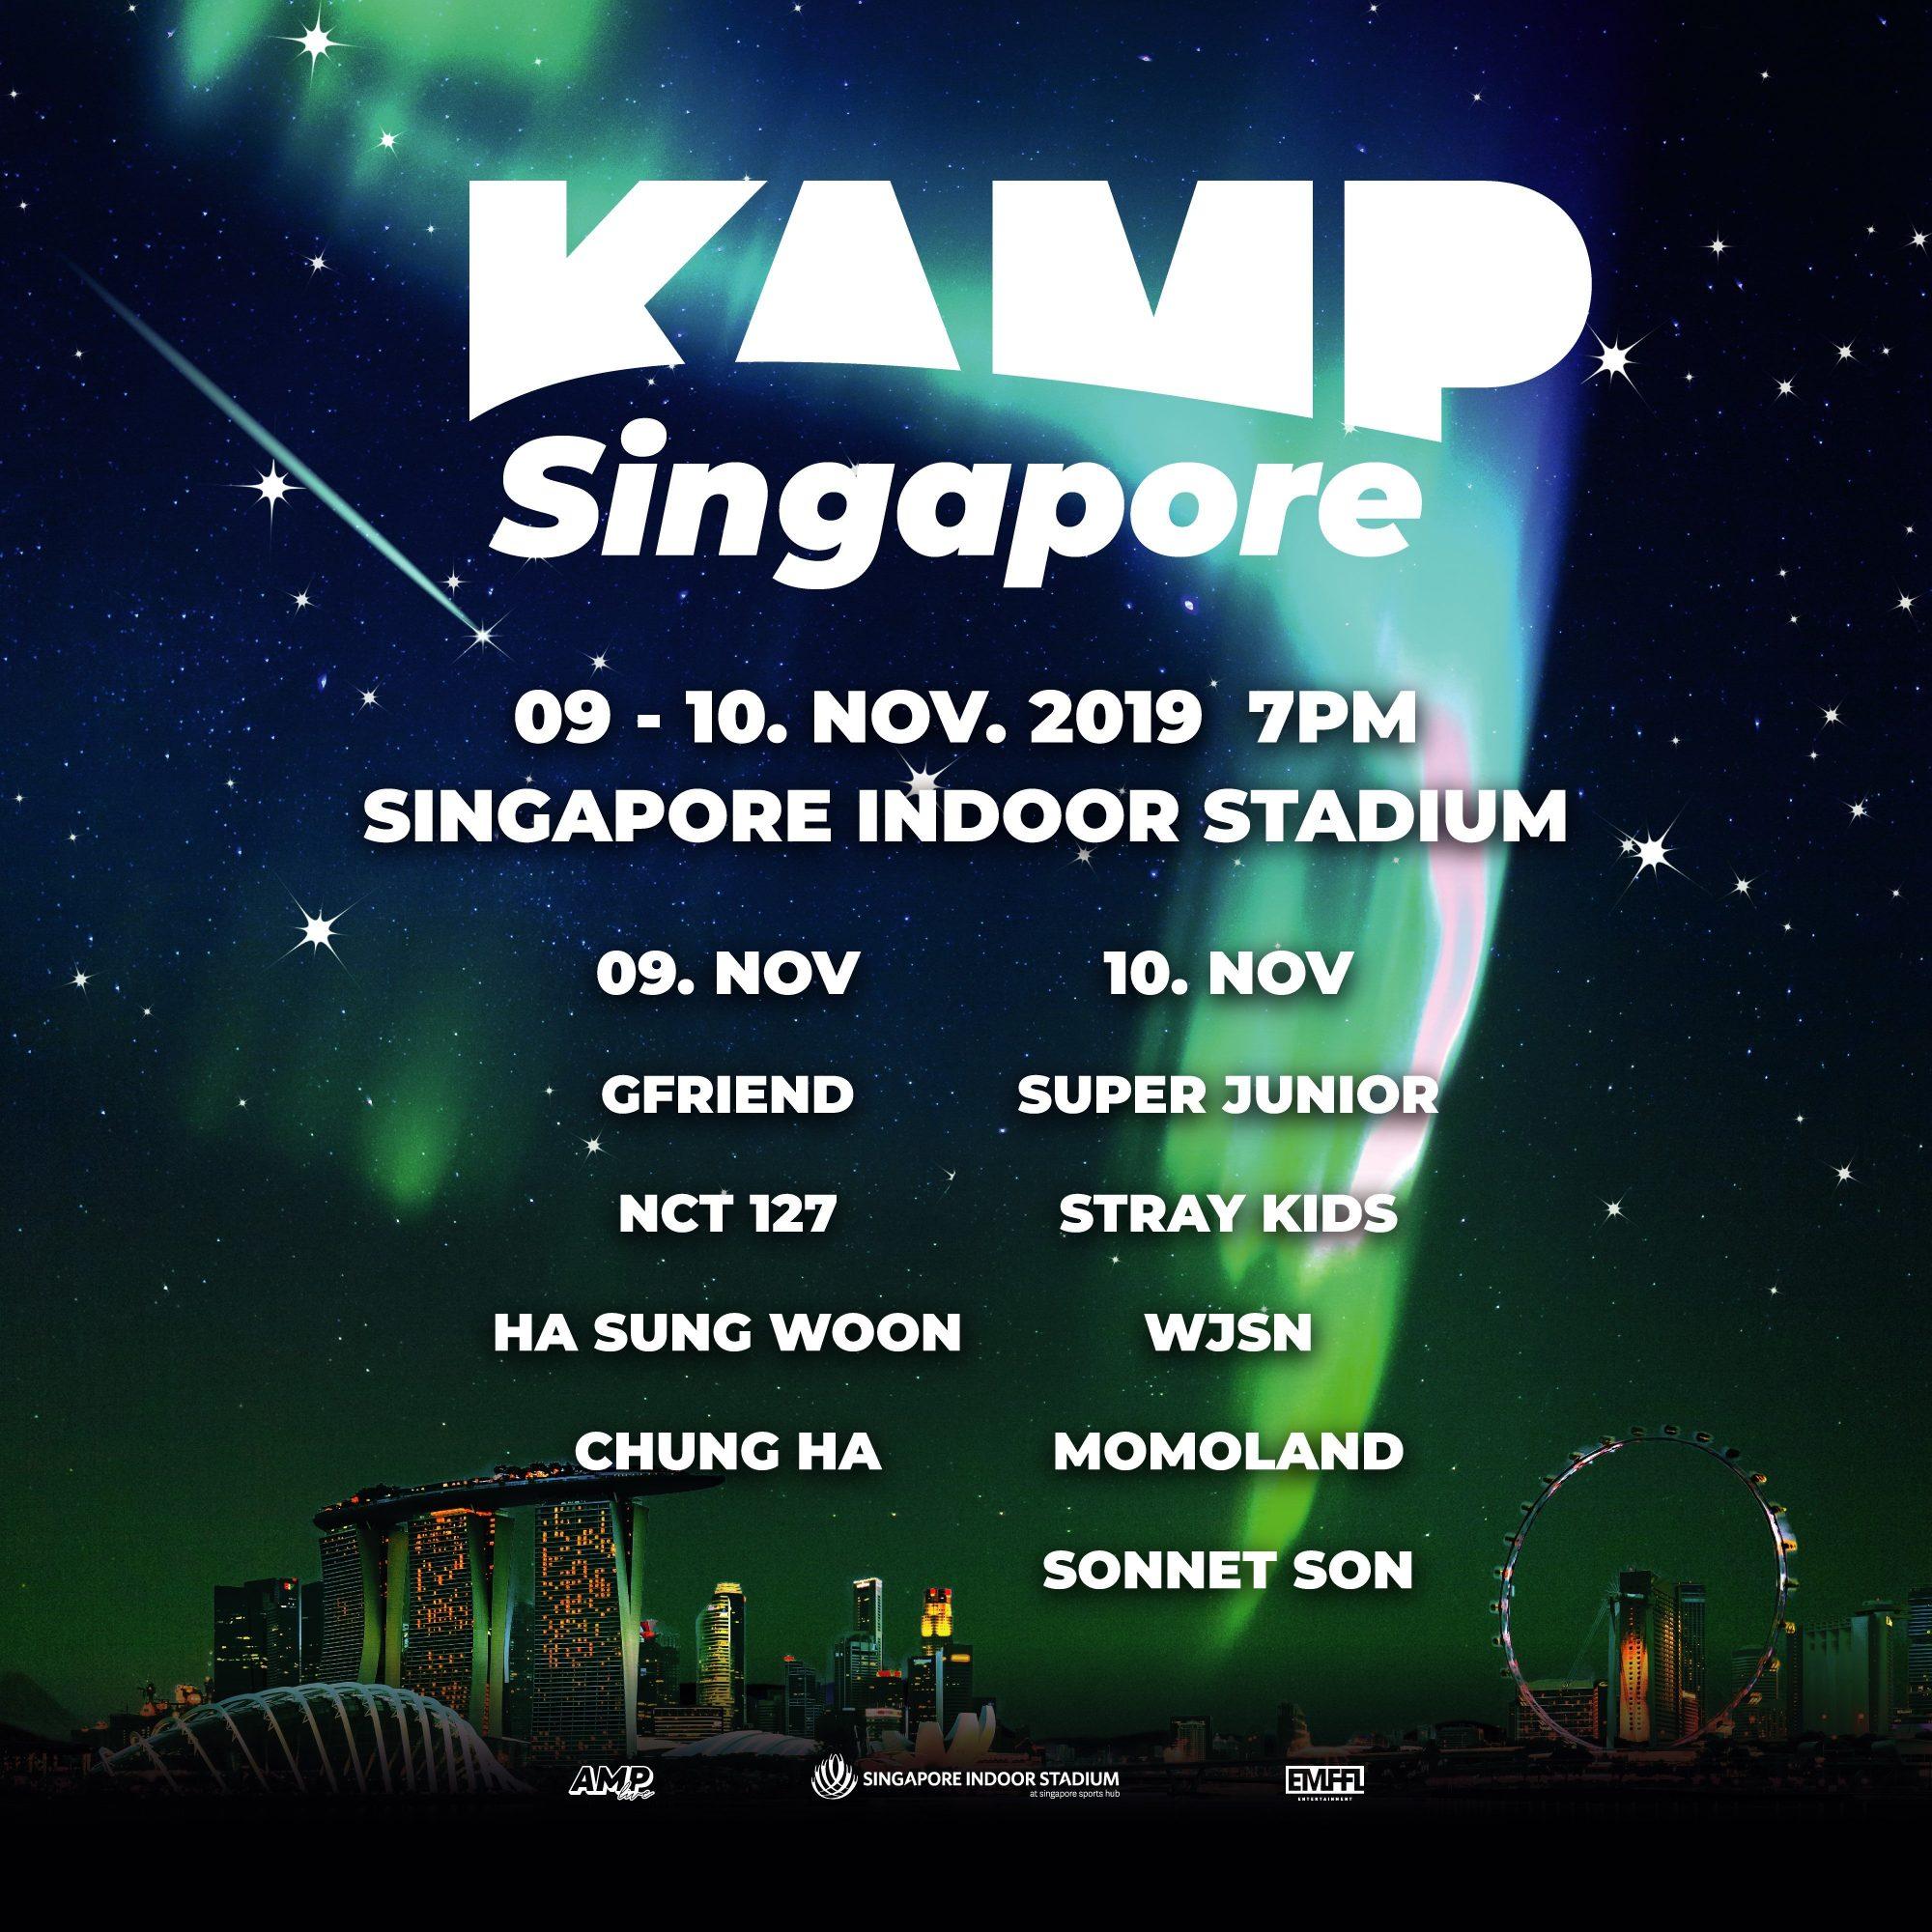 don-cho-le-hoi-am-nhac-cuc-hoanh-trang-kamp-singapore-2019-sap-dien-ra-ivivu-1